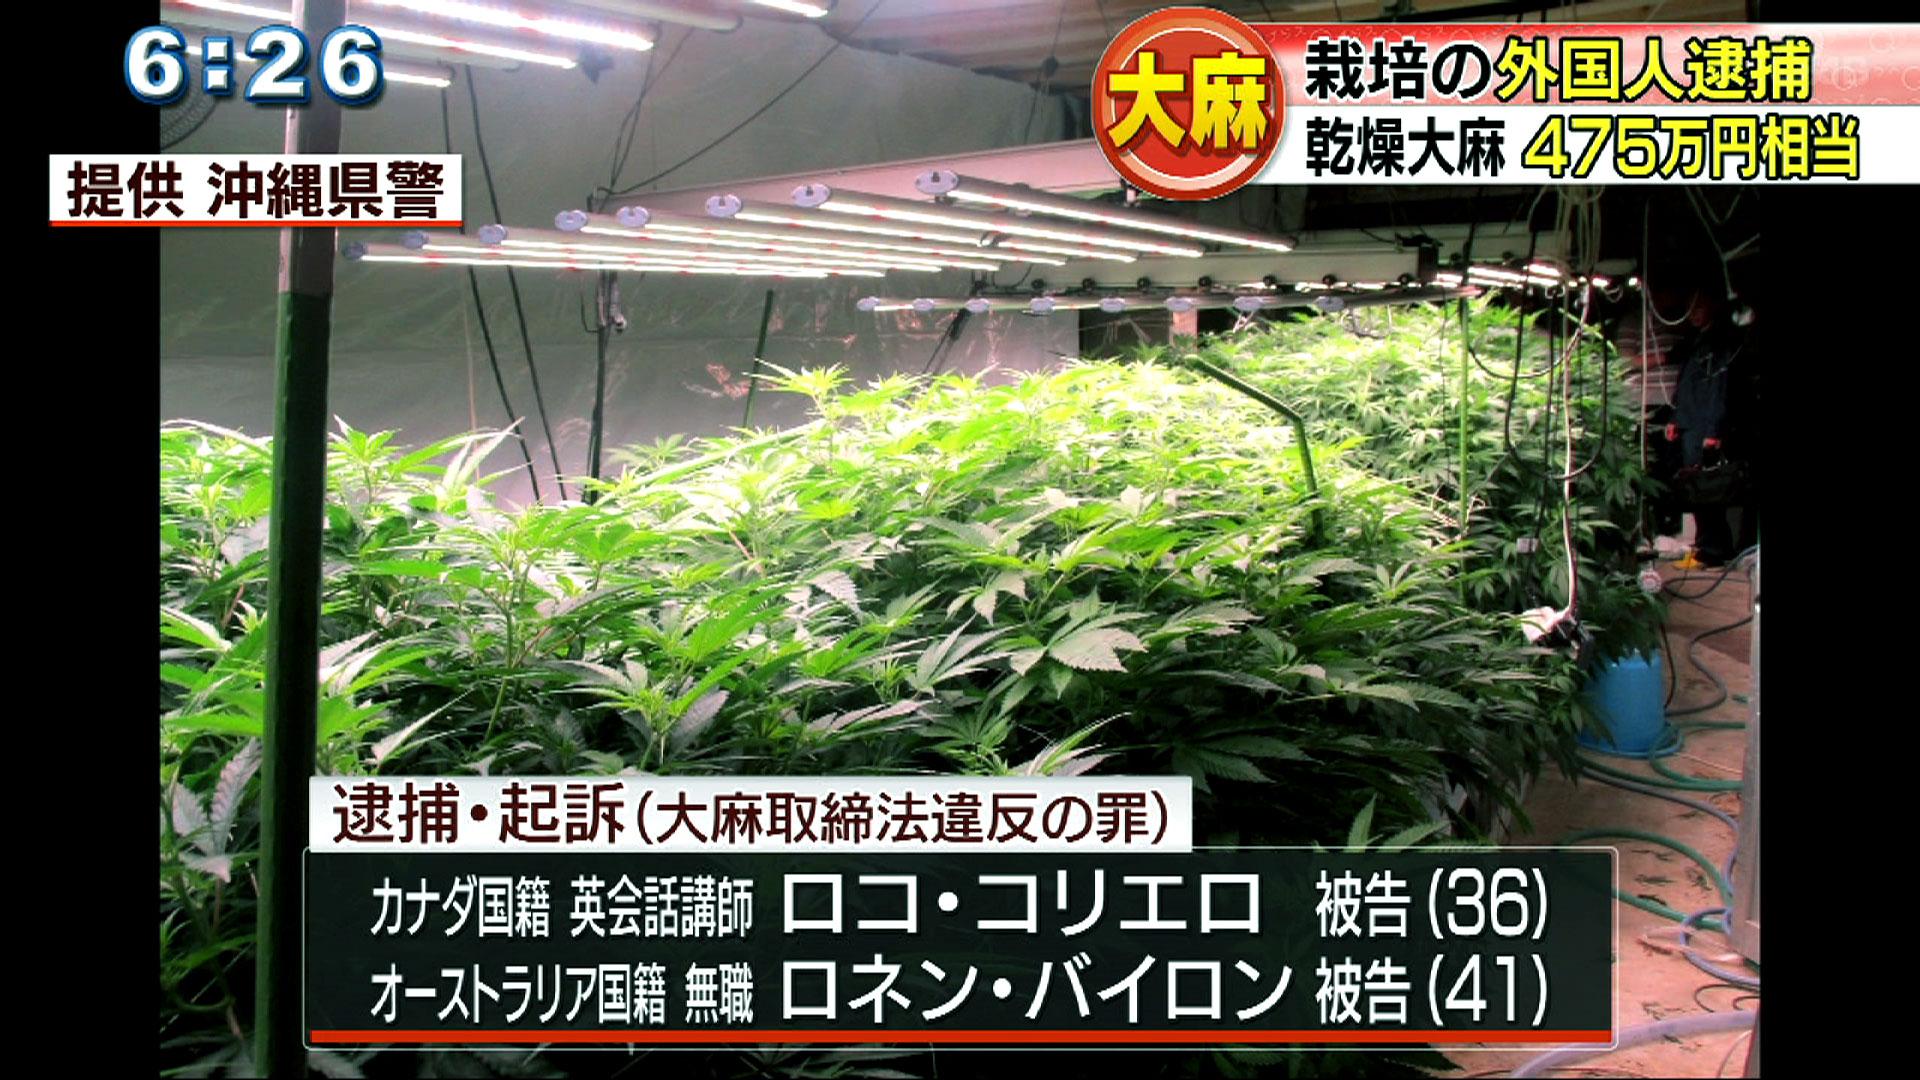 大麻所持・栽培で外国人2人を逮捕・起訴